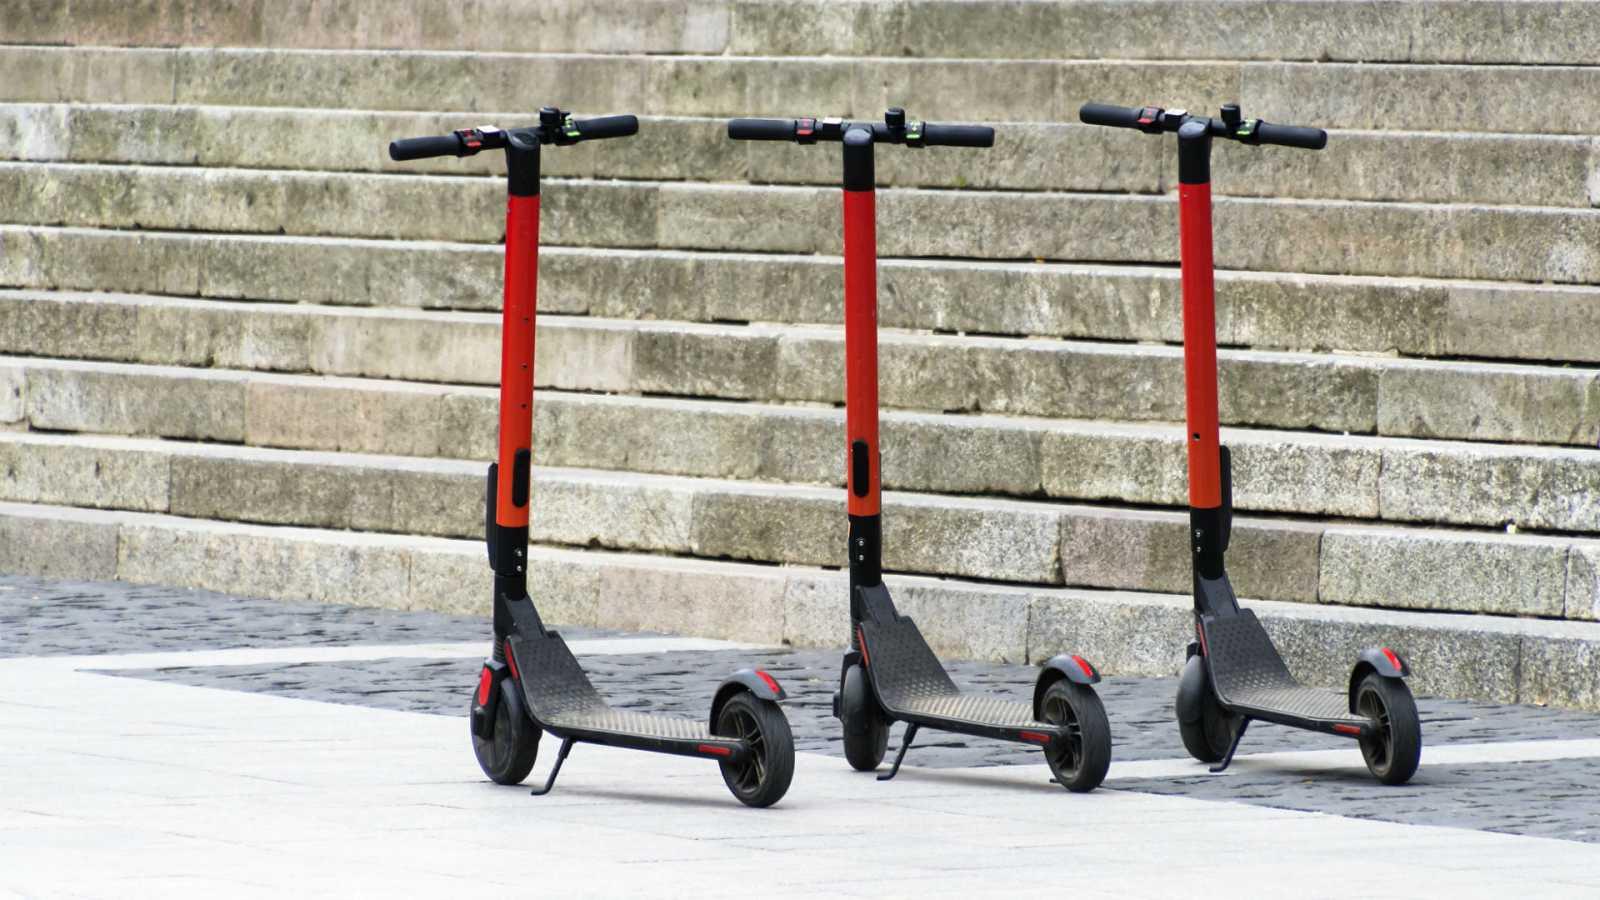 Sostenible y renovable en Radio 5 - Nuevos hábitos de movilidad - 07/11/20 - escuchar ahora